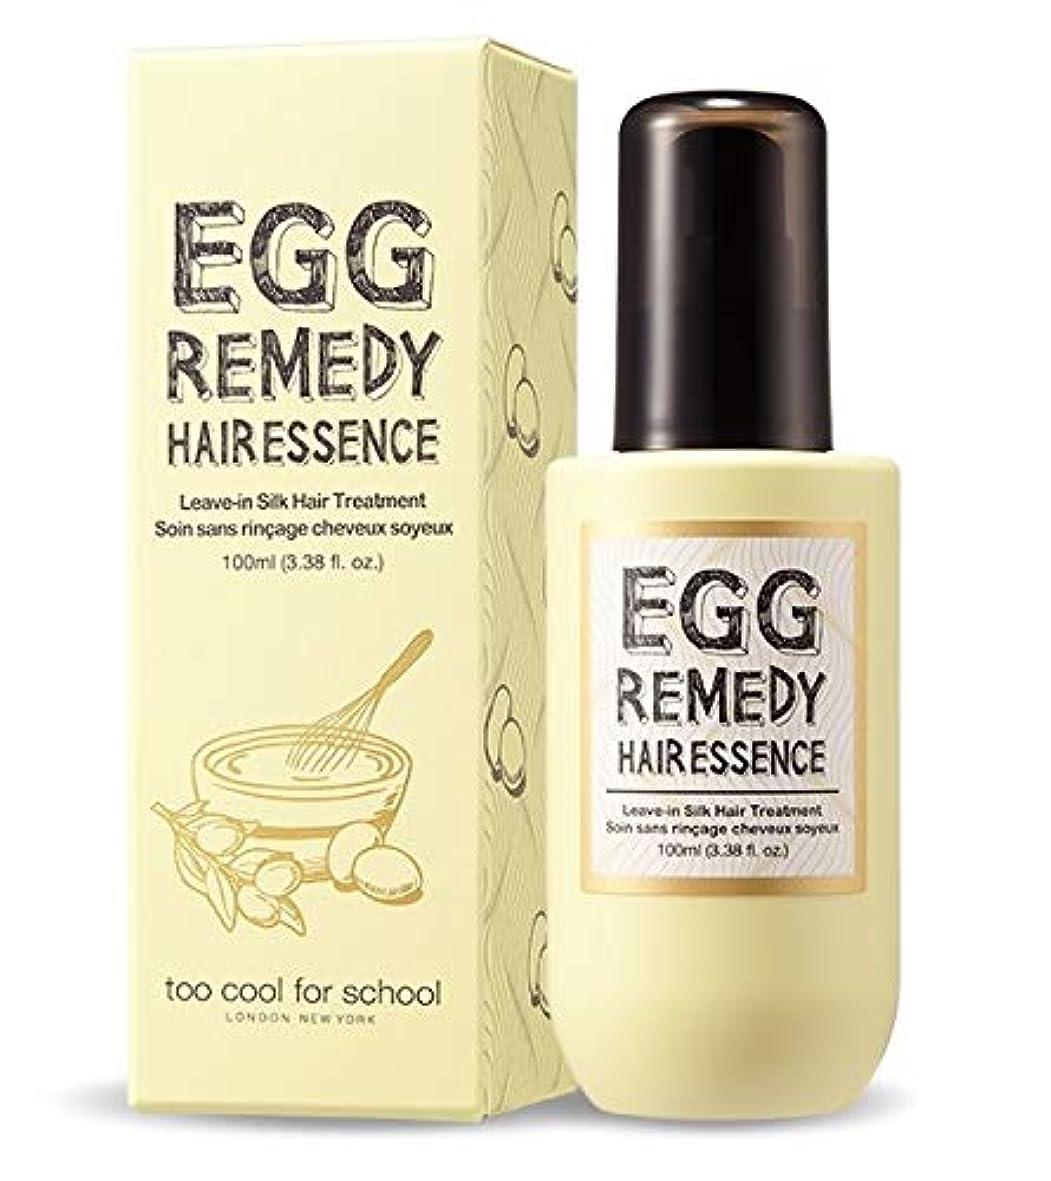 最小どう?平日Too Cool For School ツークルポスクール EGG Remedy Hair Essence ヘアエッセンス100ml Damaged hair care, For dry hair